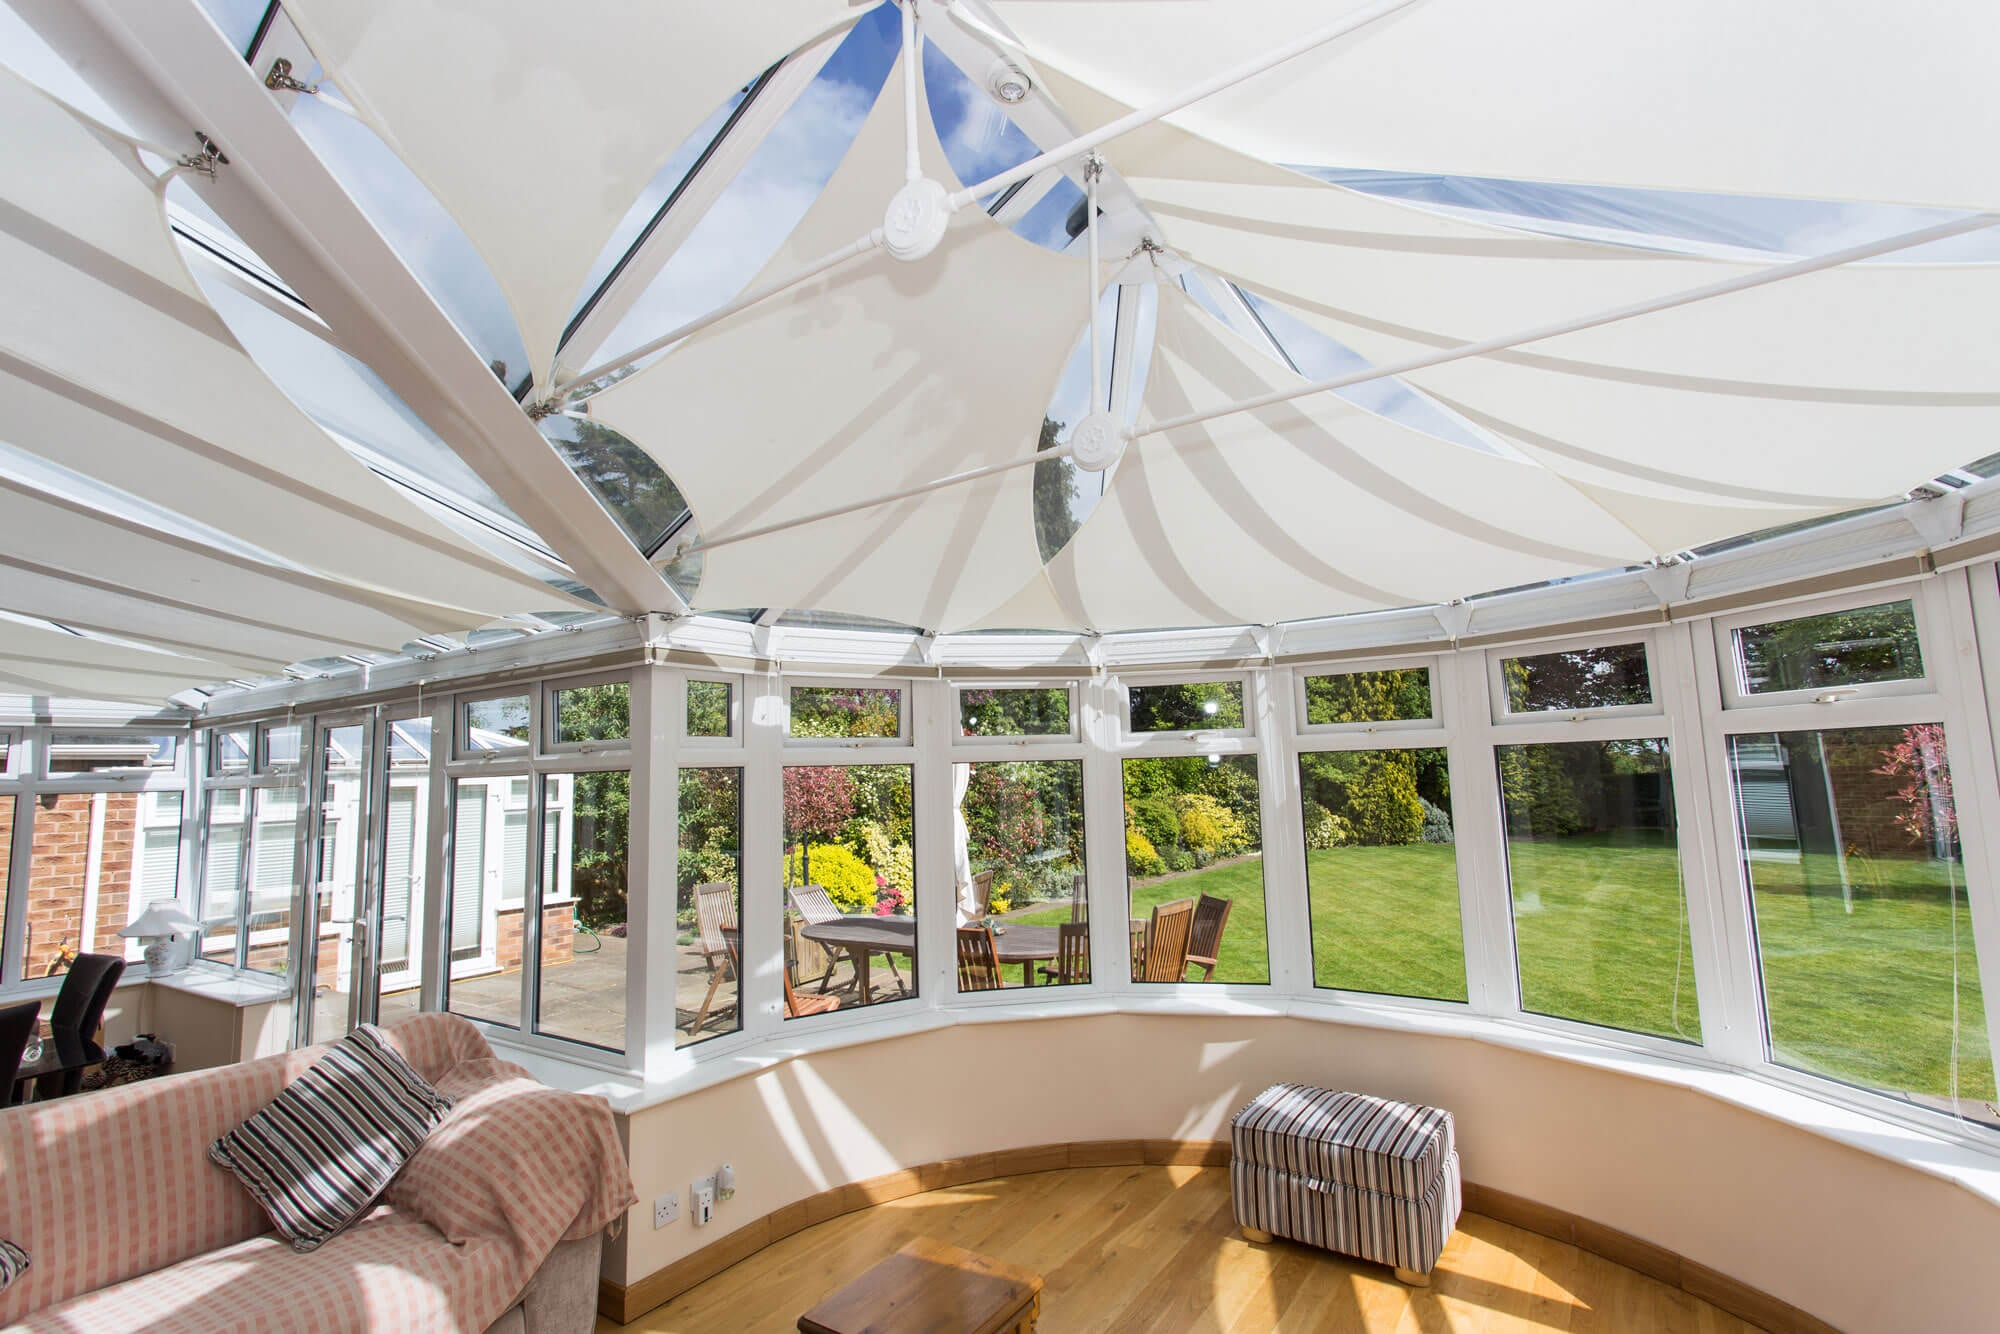 conservatory roof blinds and premium garden sails uk experts. Black Bedroom Furniture Sets. Home Design Ideas